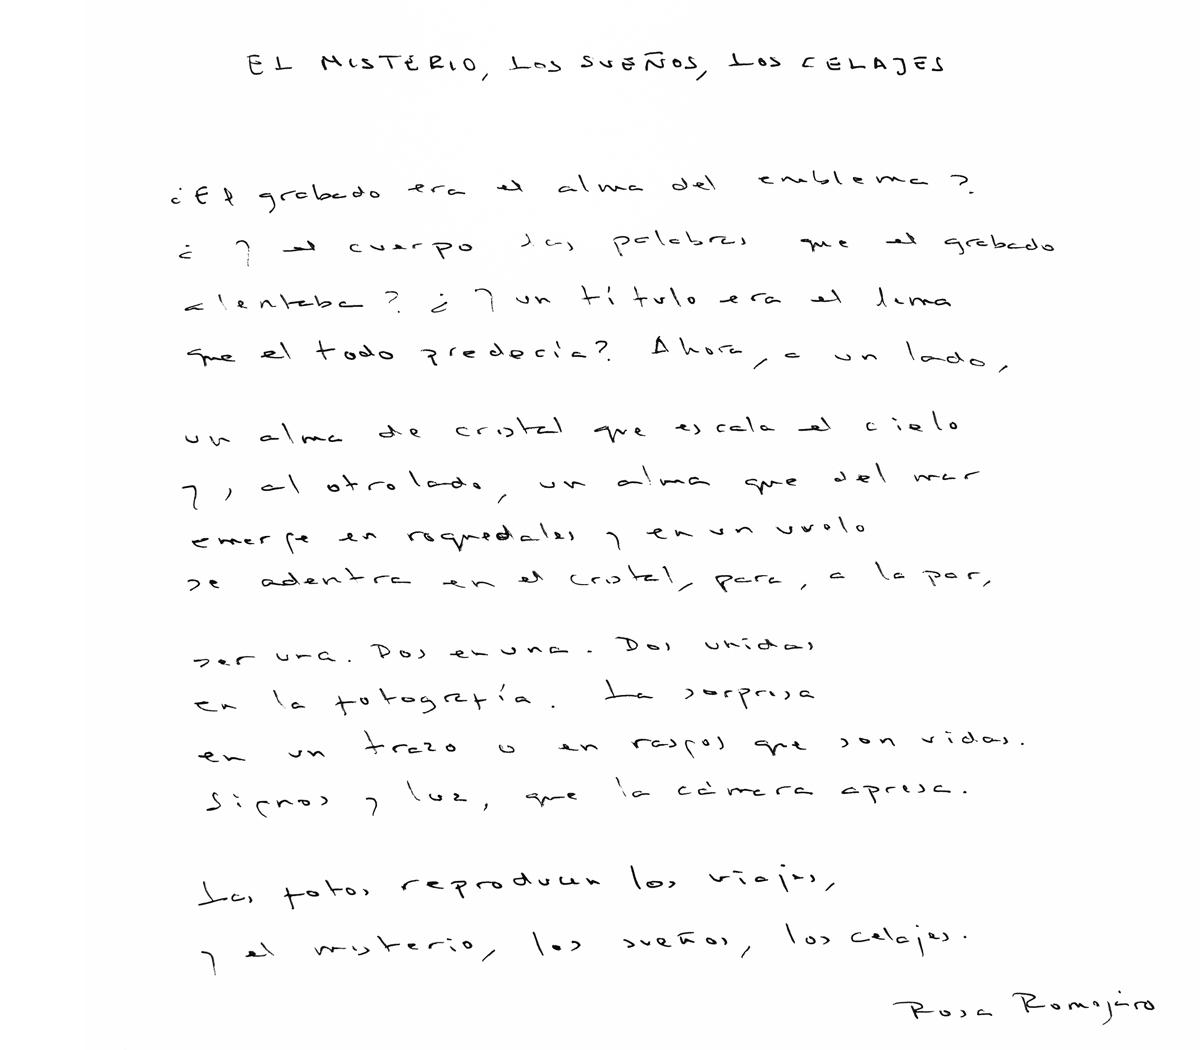 Rosa Romojaro - Como dos gotas de poesía   - Como dos gotas de poesía, fotografías de LaraBisbe